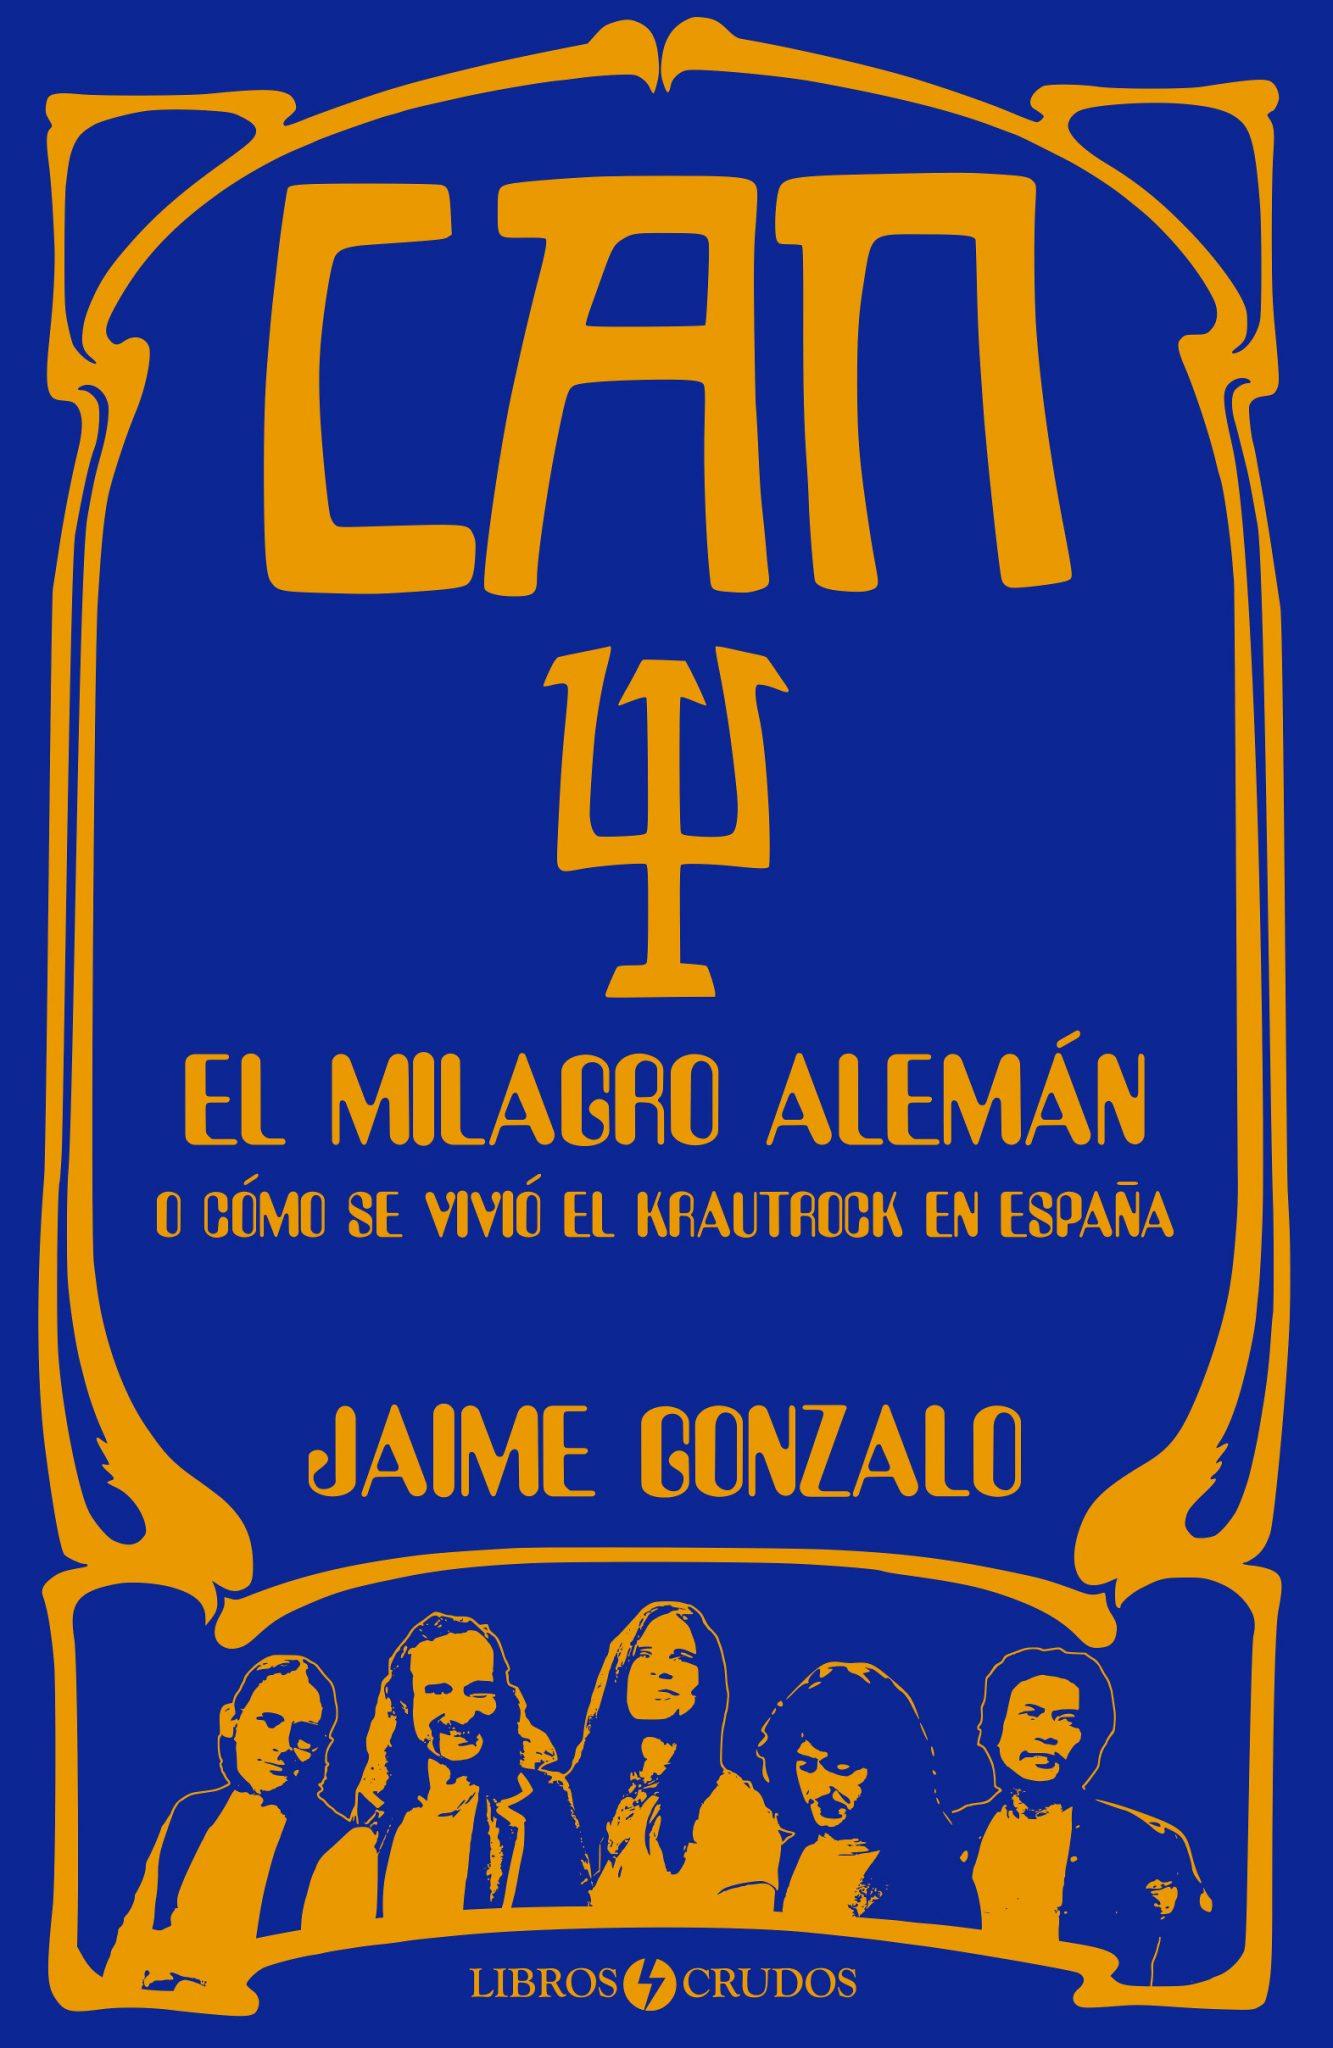 Jaime Gonzalo - Can: El milagro alemán